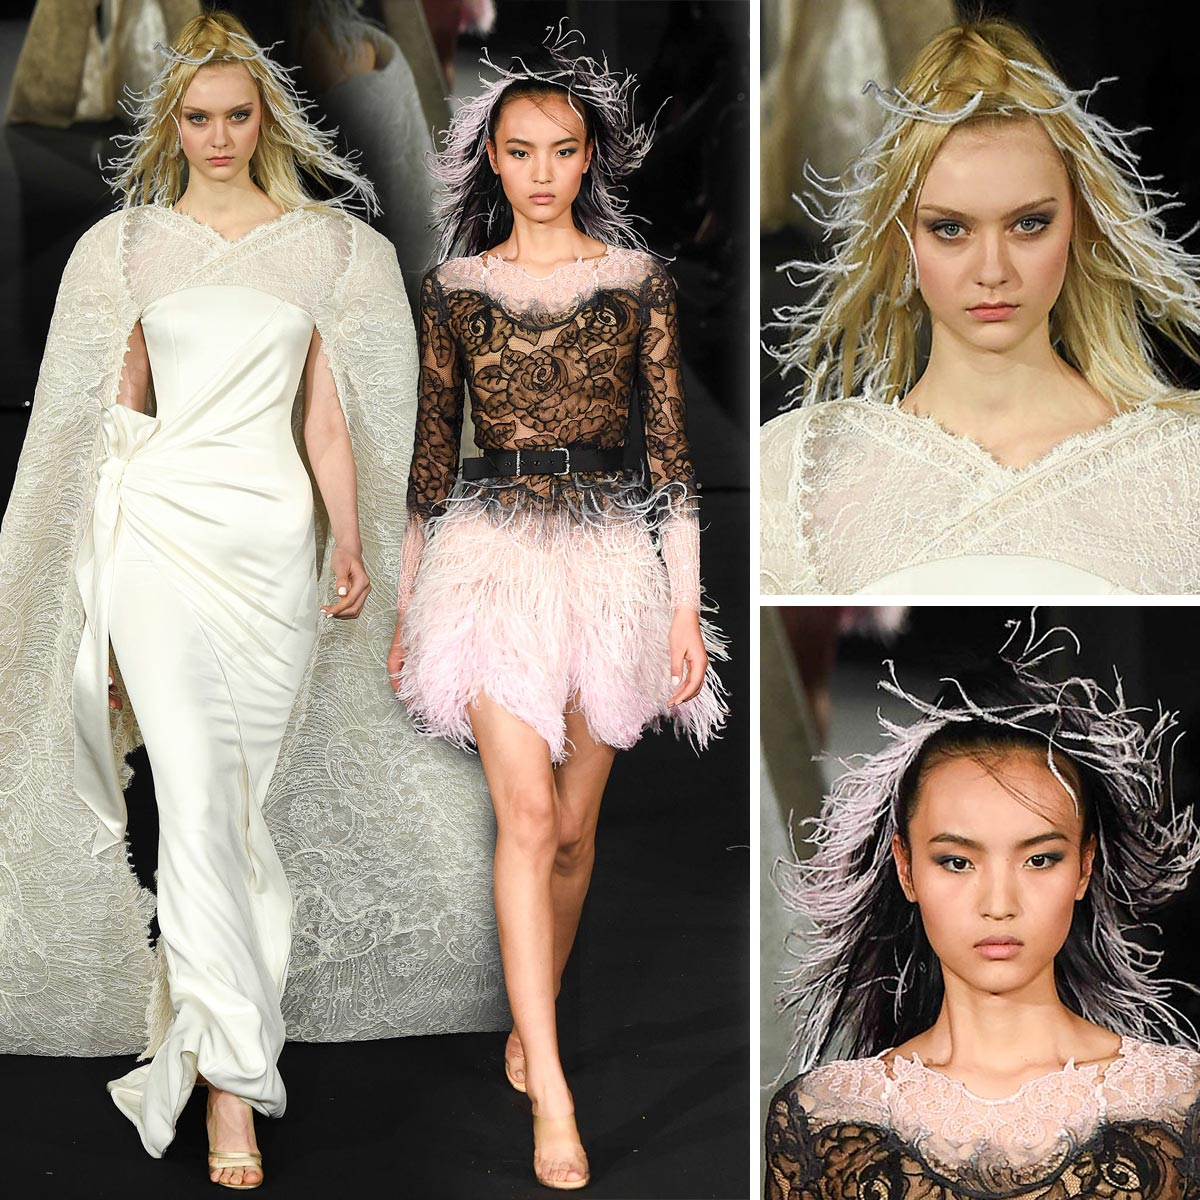 Spoločenské účesy zdobené perím podľa Alexis Mabille (Haute Couture Jar 2015).